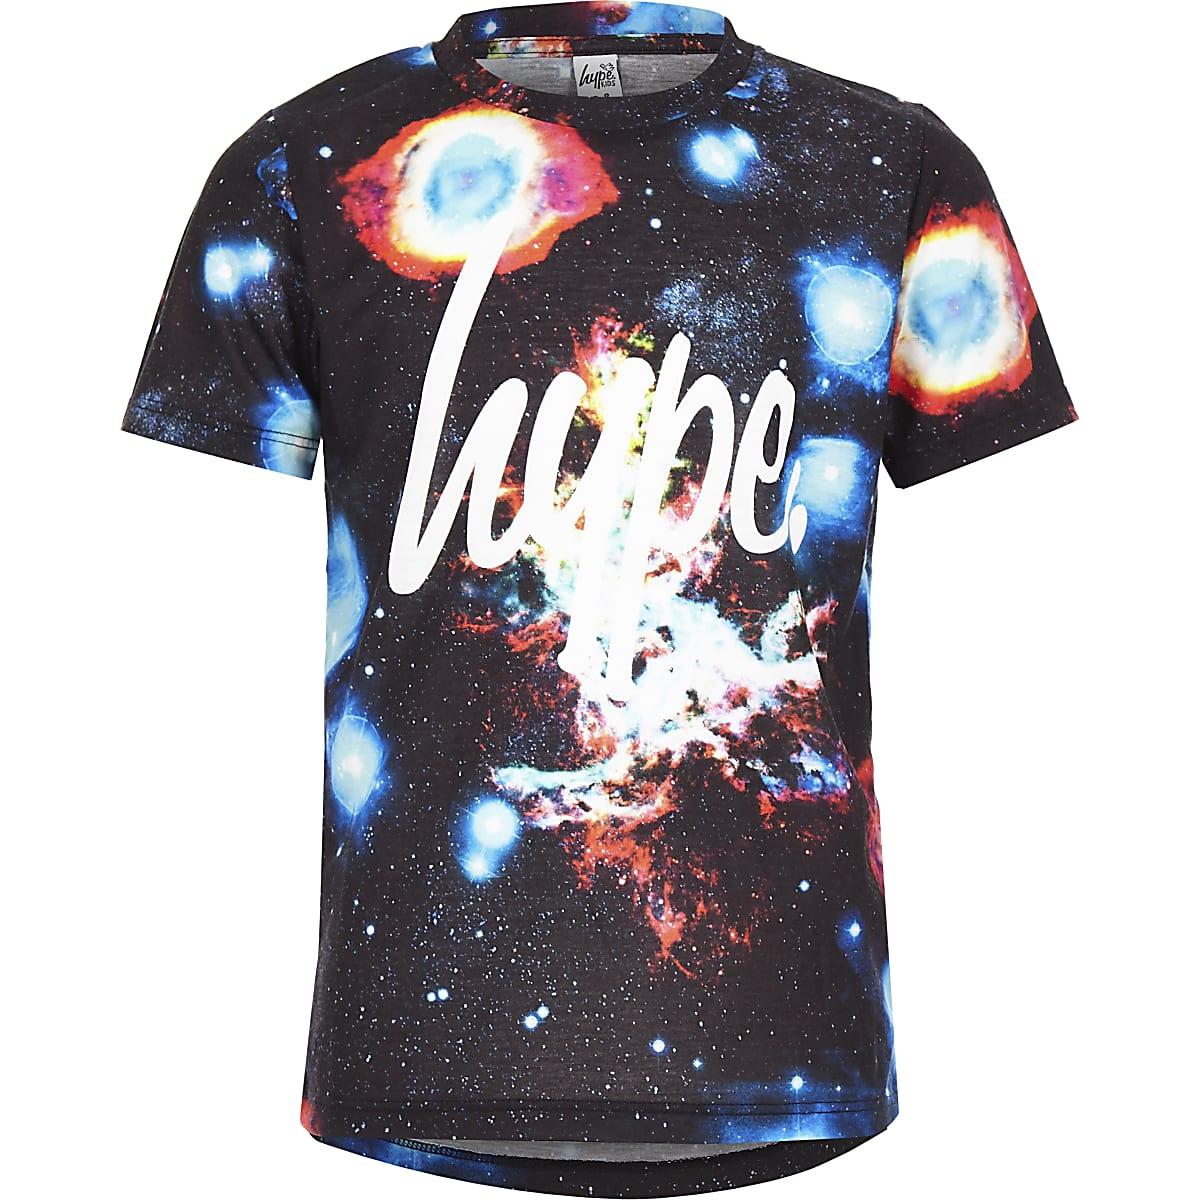 7076b74c Boys Hype navy space T-shirt - T-shirts - T-Shirts & Vests - boys